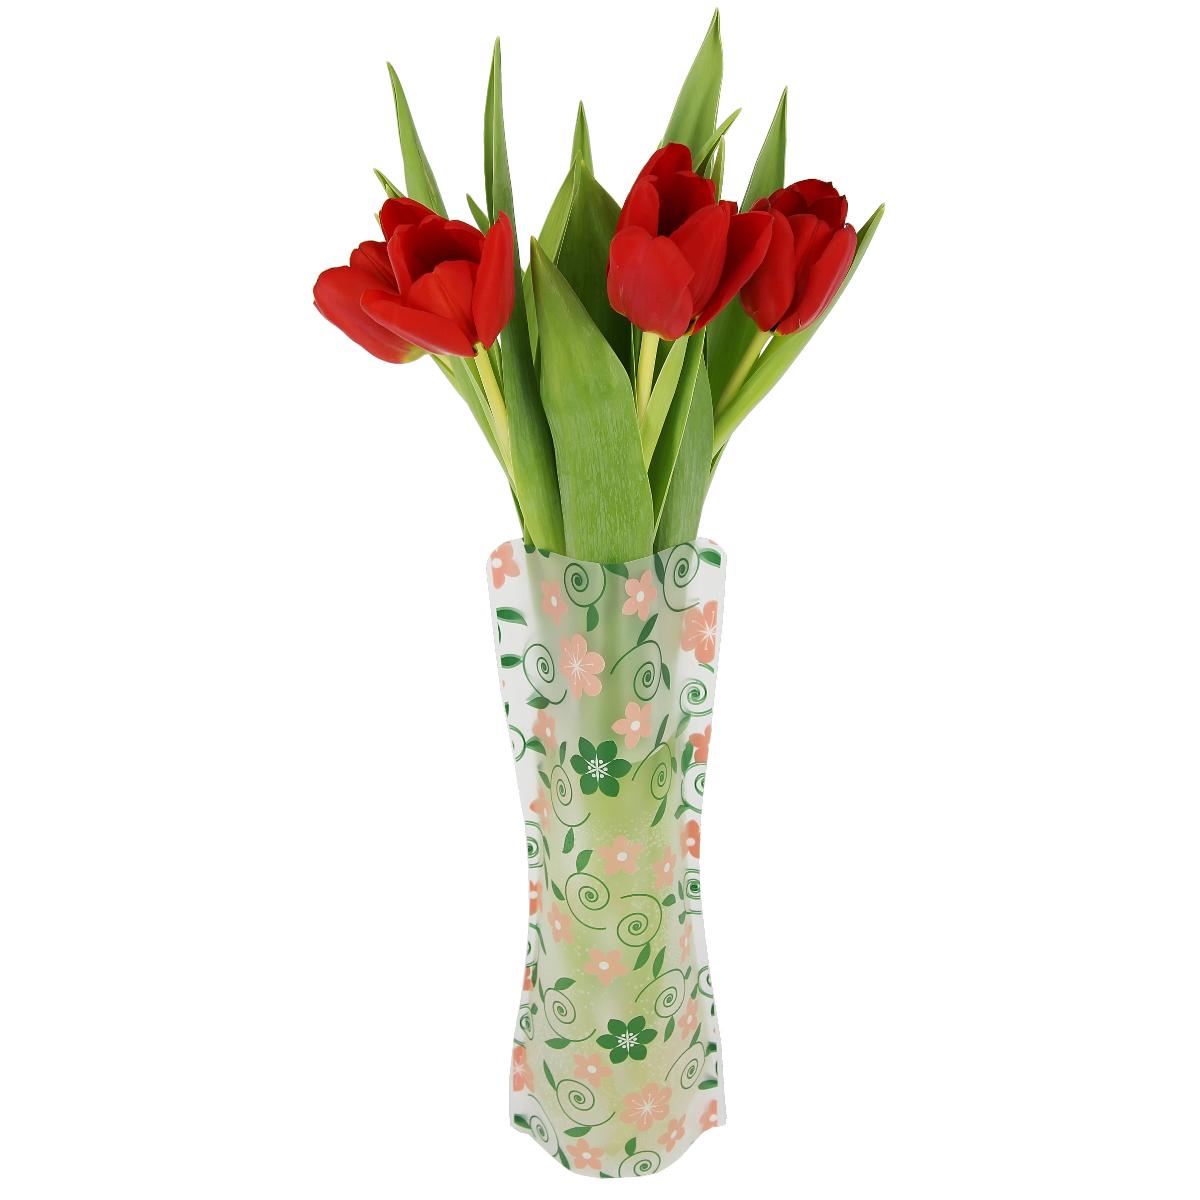 Ваза МастерПроф Летний узор, пластичная, 1 лHS.040034Пластичная ваза Летний узор легко складывается, удобно хранится - занимает мало места, долго служит. Всегда пригодится дома, в офисе, на даче, для оформления различных меропритятий. Отлично подойдет для перевозки цветов, или просто в подарок. Инструкция: 1. Наполните вазу теплой водой; 2. Дно и стенки расправятся; 3. Вылейте воду; 4. Наполните вазу холодной водой; 5. Вставьте цветы. Меры предосторожности: Хранить вдали от источников тепла и яркого солнечного света. С осторожностью применять для растений с длинными стеблями и с крупными соцветиями, что бы избежать опрокидывания вазы.